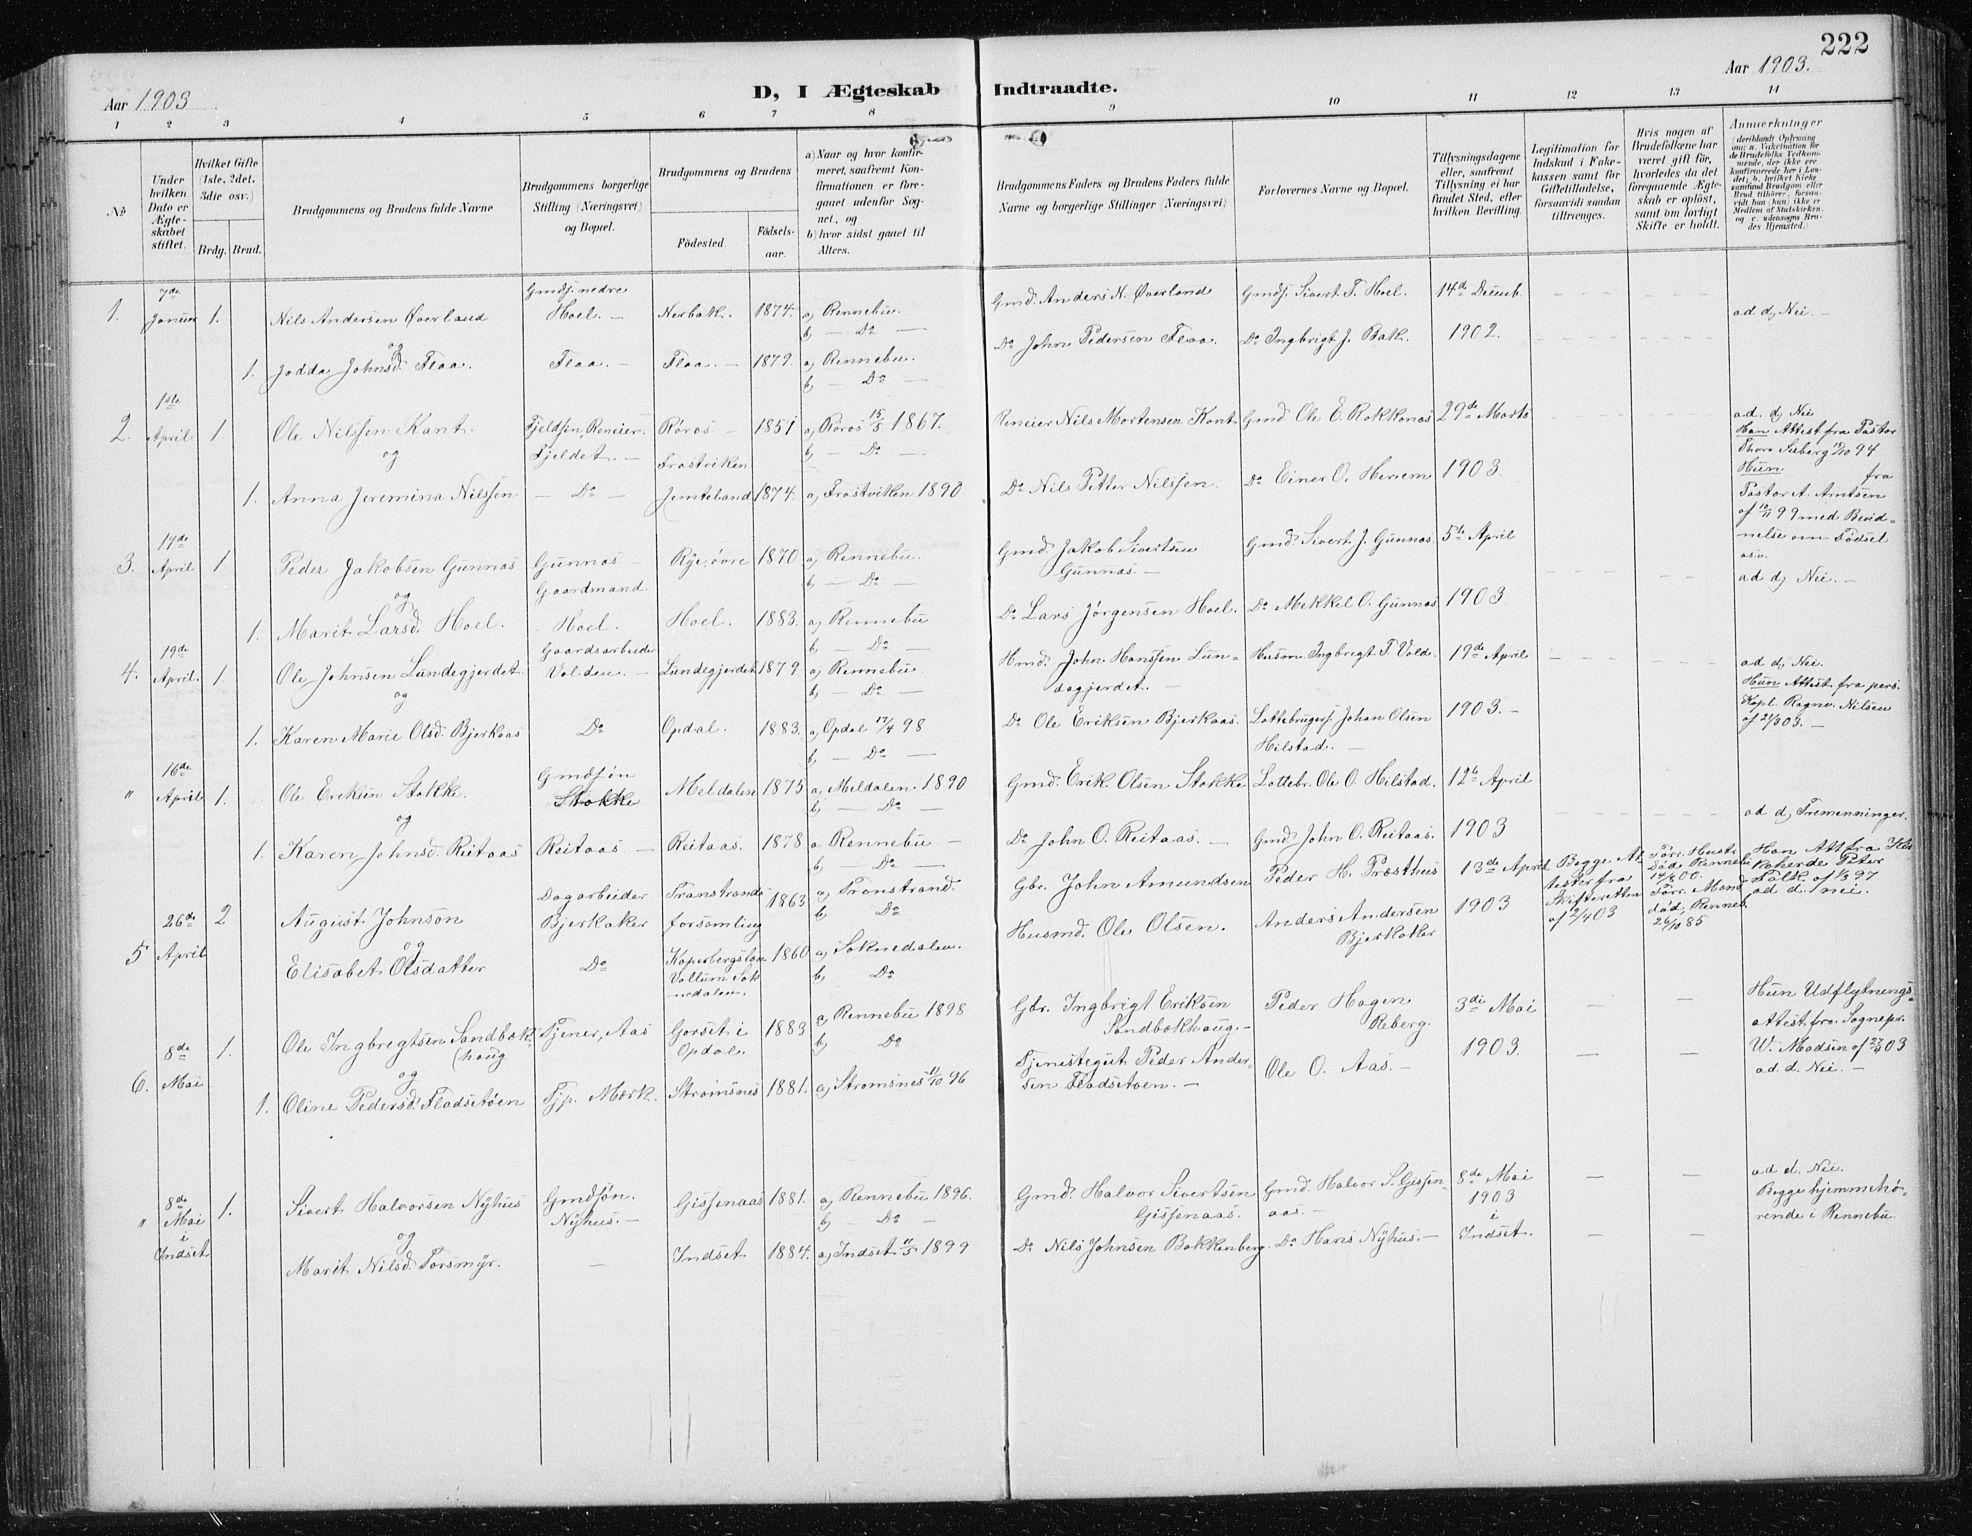 SAT, Ministerialprotokoller, klokkerbøker og fødselsregistre - Sør-Trøndelag, 674/L0876: Klokkerbok nr. 674C03, 1892-1912, s. 222